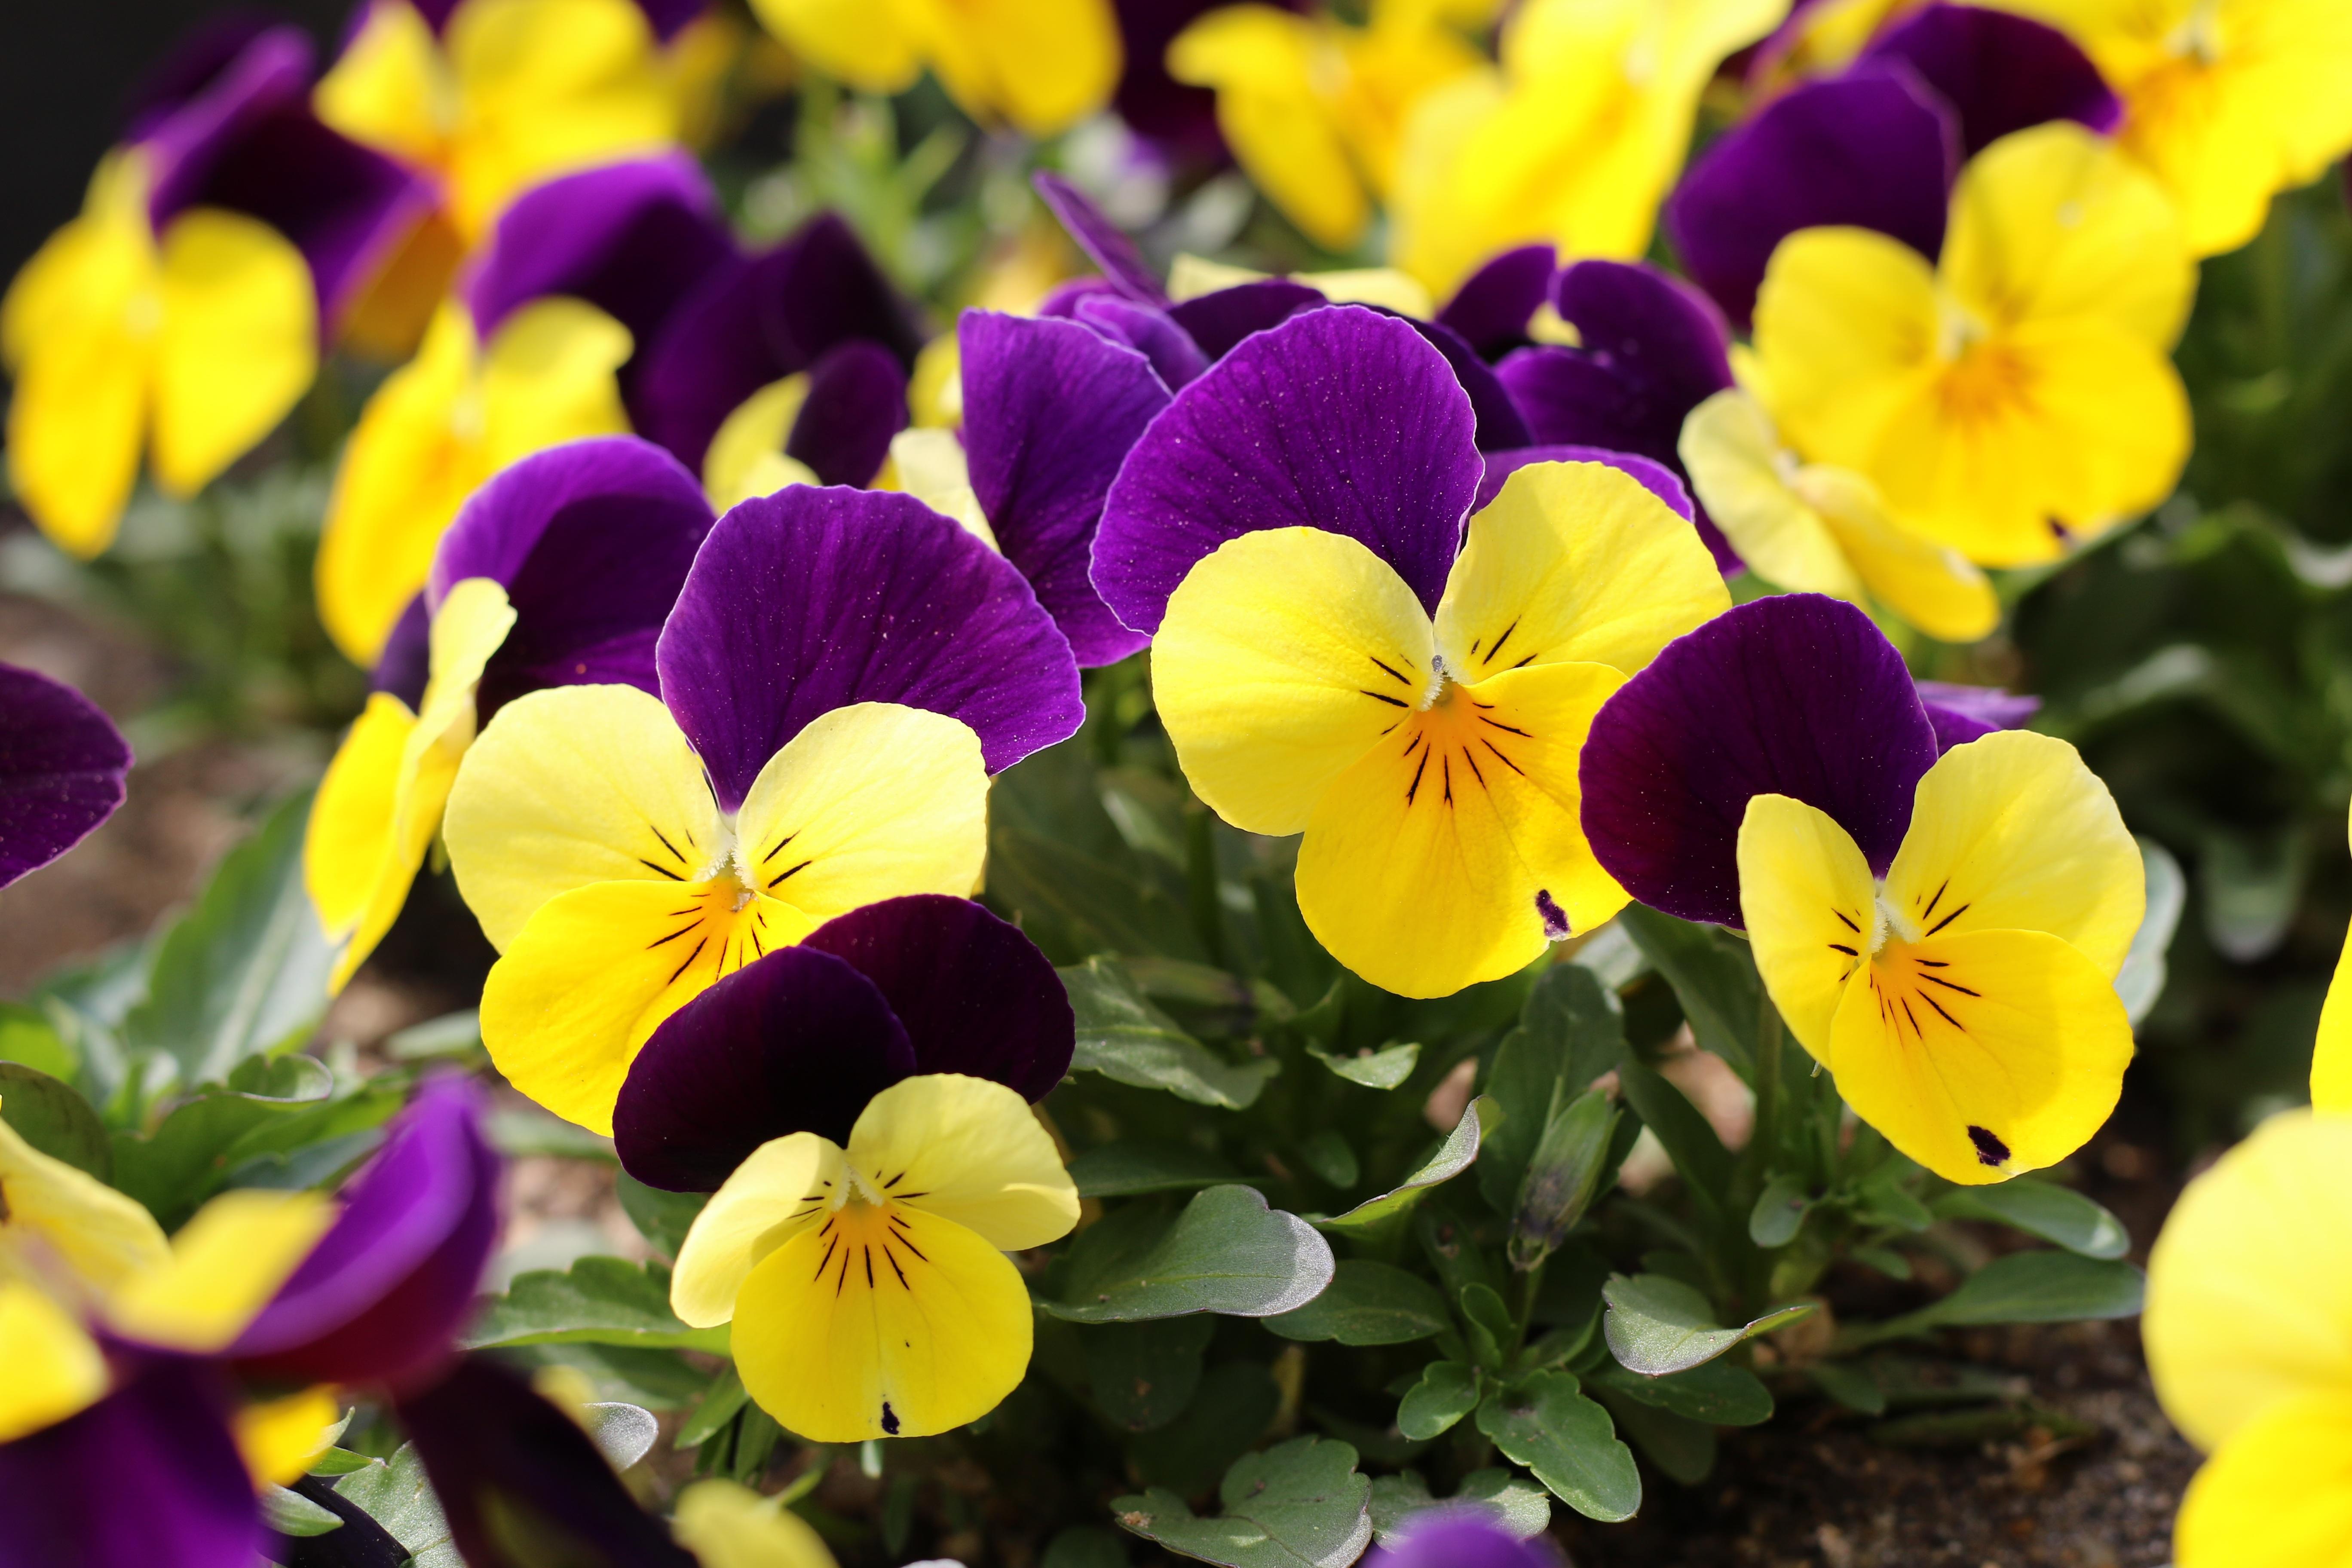 Images gratuites la nature fleur violet p tale parc botanique jaune flore les plantes - Image fleur violette gratuite ...